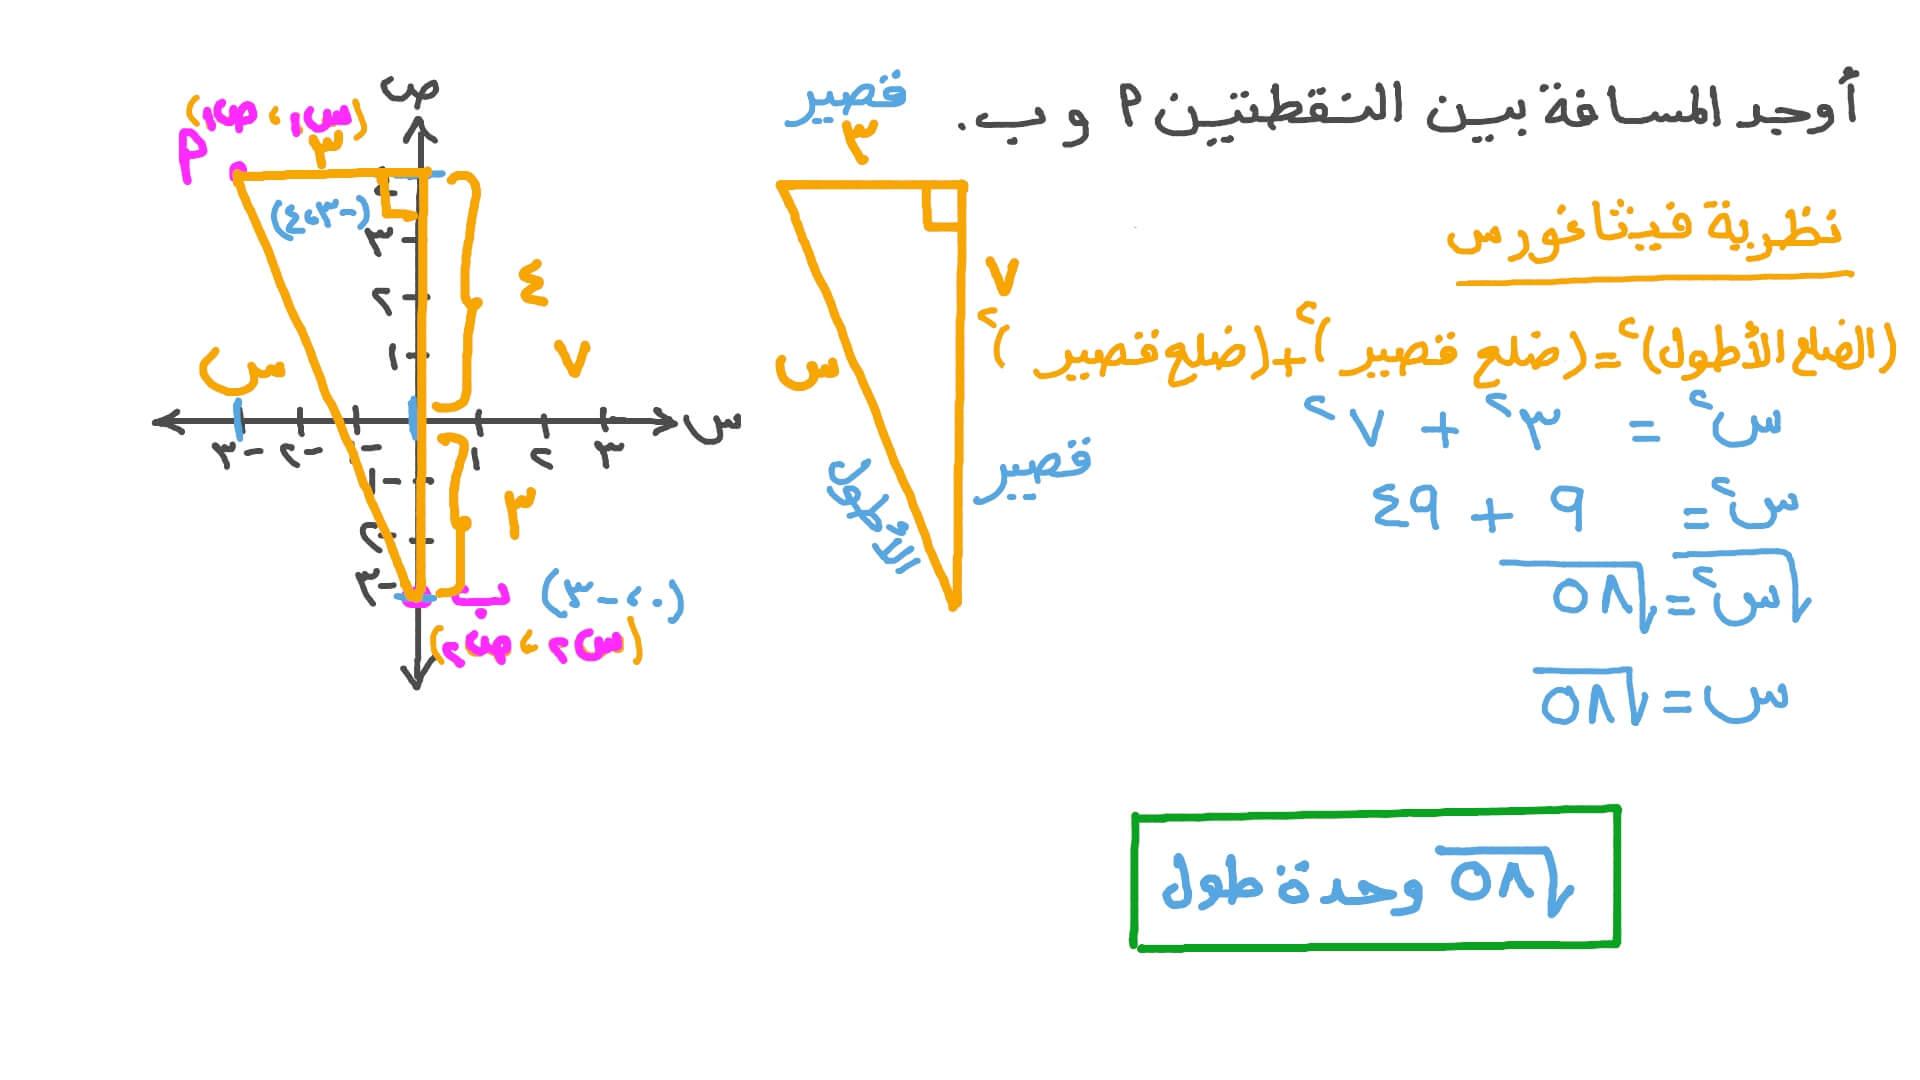 فيديو السؤال إيجاد المسافة بين نقطتين باستخدام قانون المسافة بين نقطتين نجوى